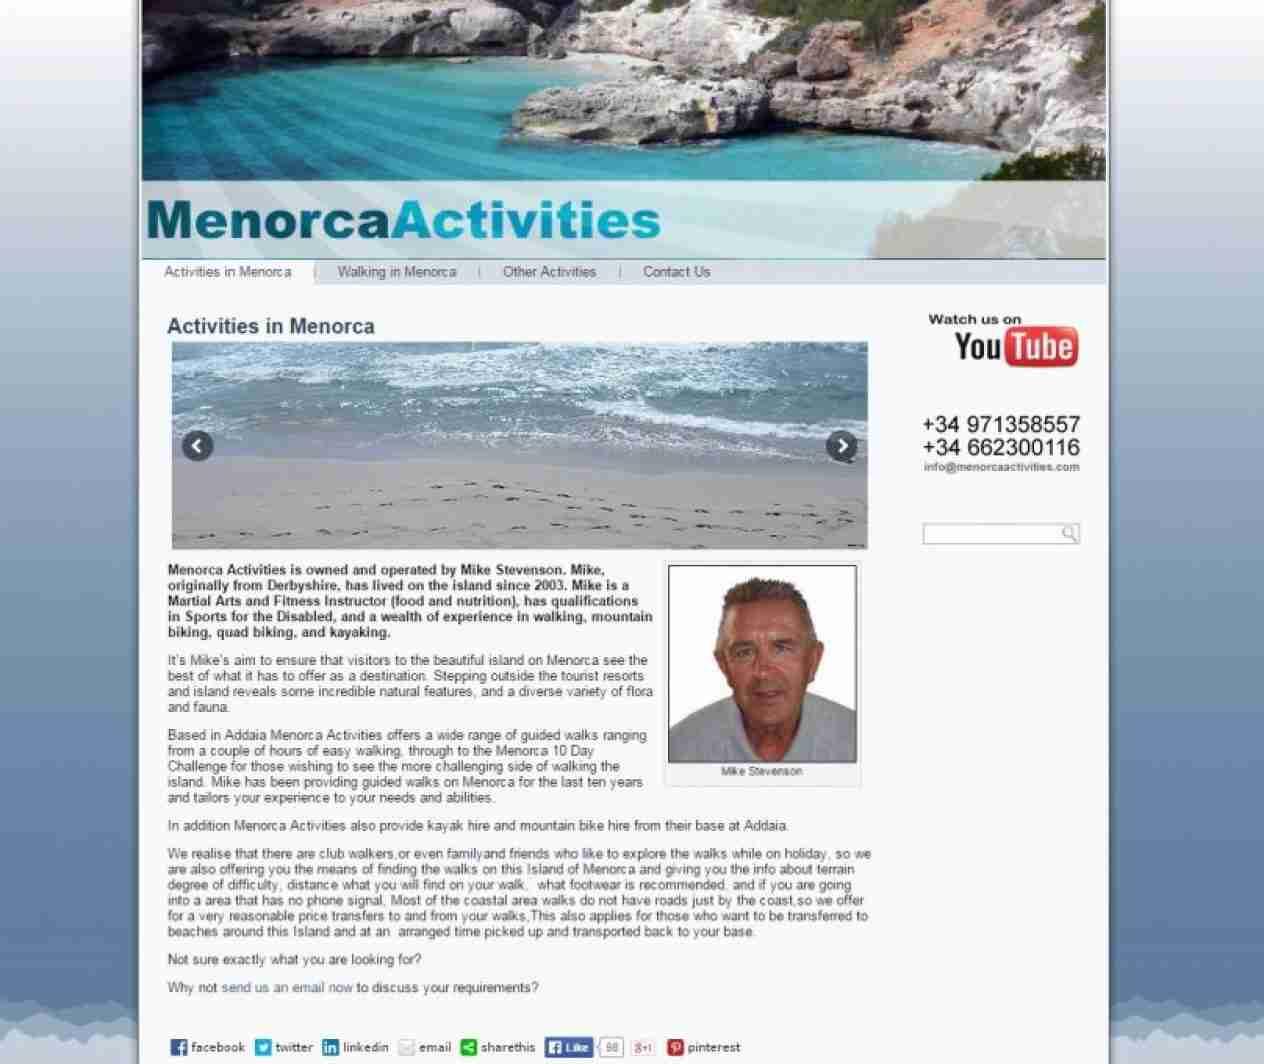 Menorca Activities